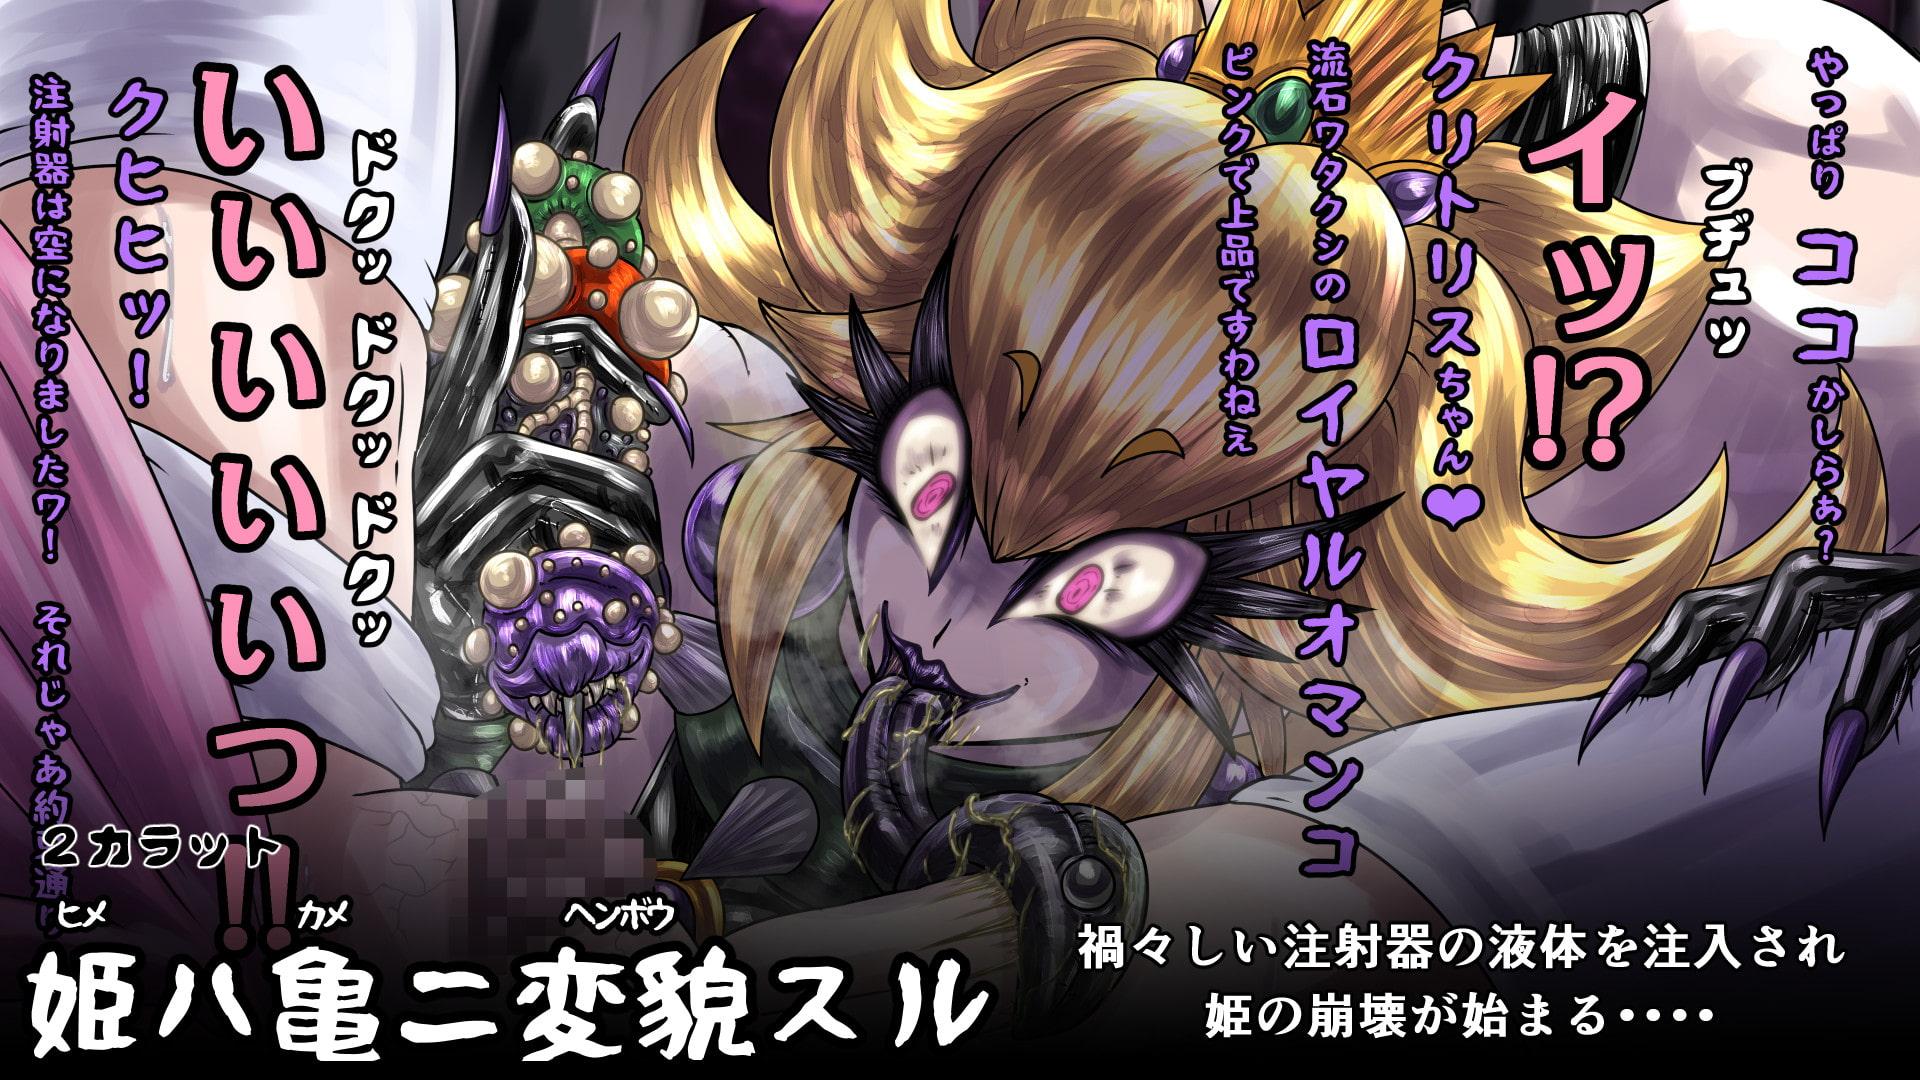 姫ハ亀ニ変貌スル3